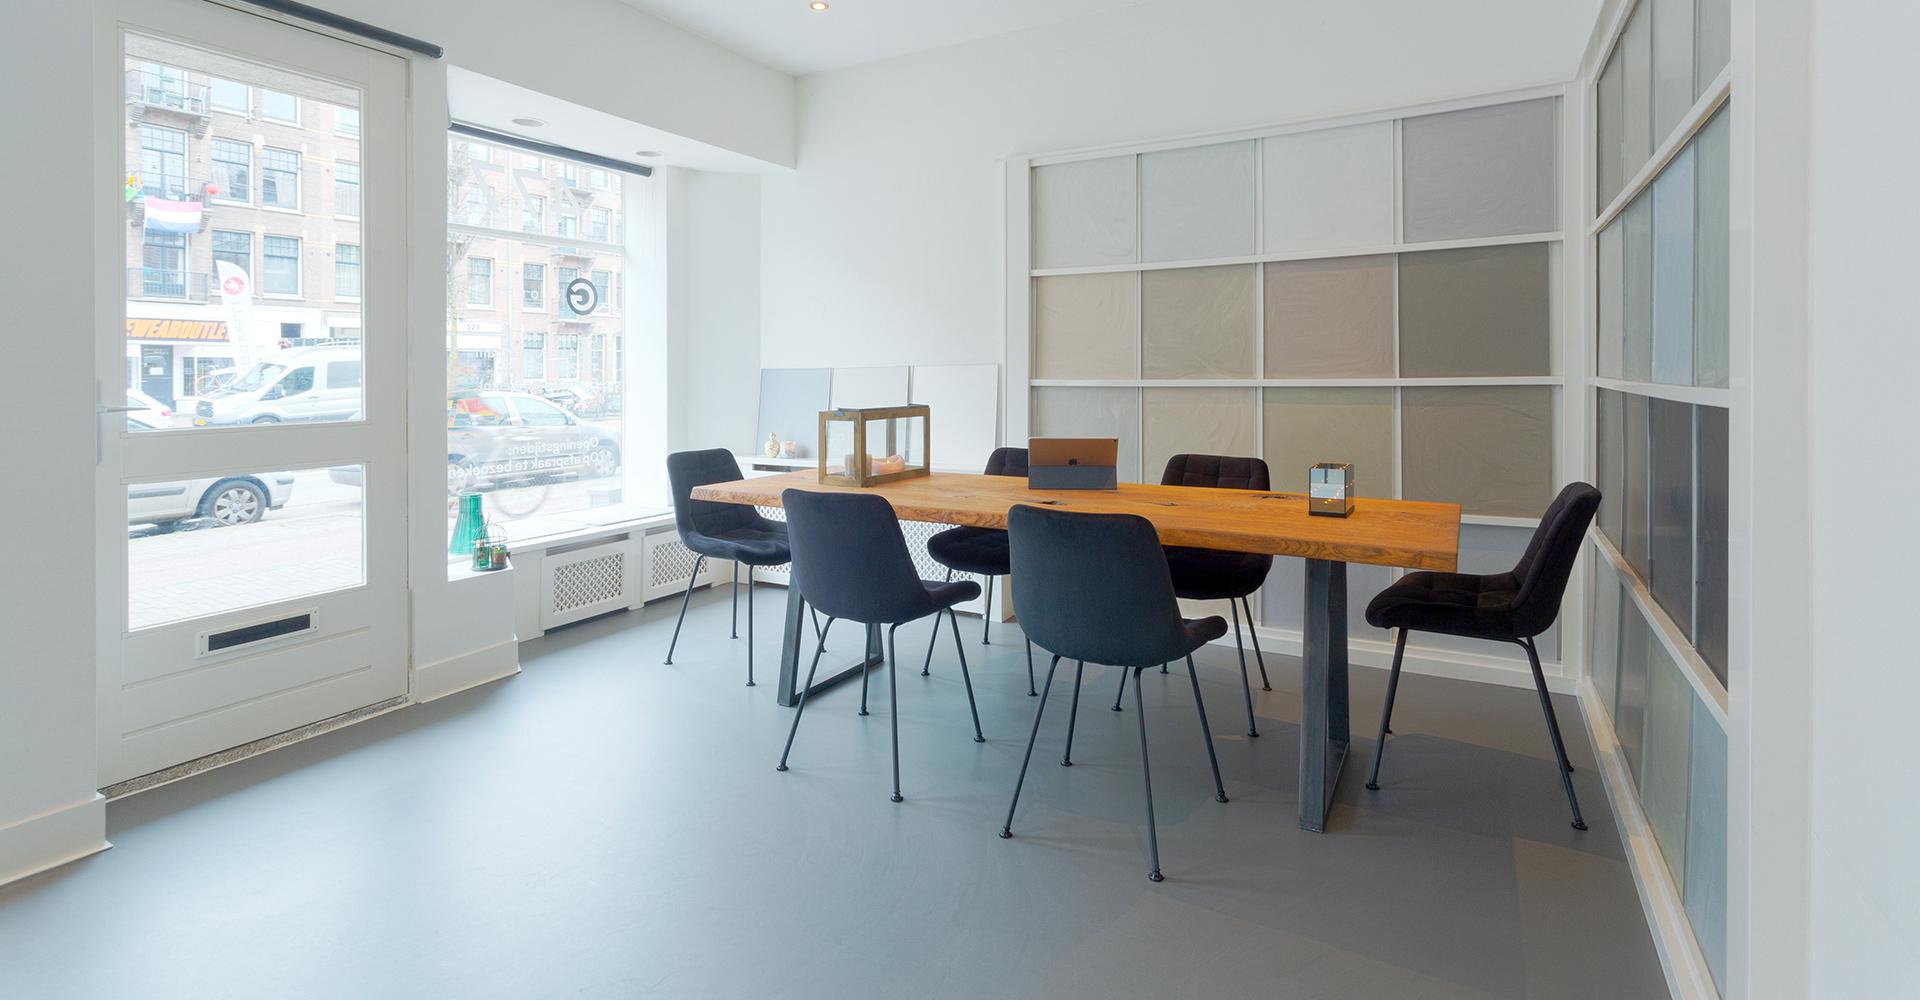 Gietvloer showroom G-vloeren pu duo kleuren